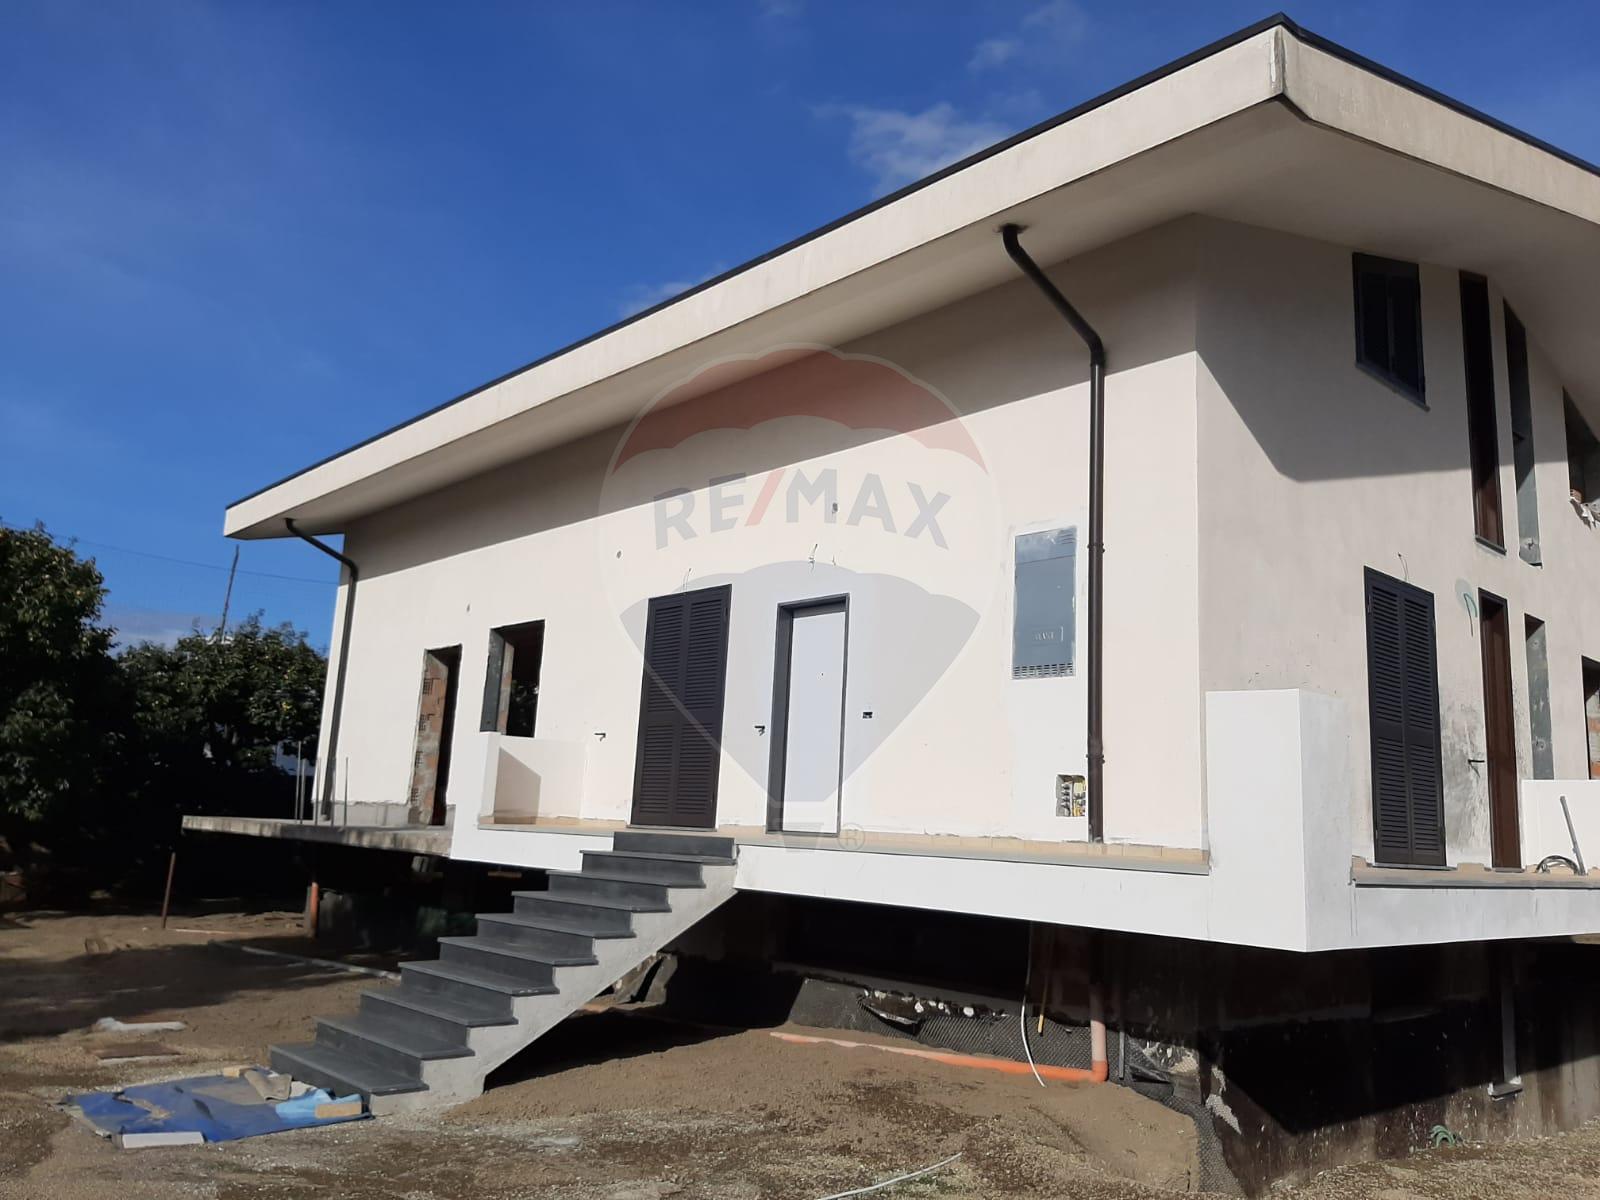 Vendita Casa Semindipendente Via Pasquale Grimaldi, 40 Sant'Egidio del Monte Albino, SA